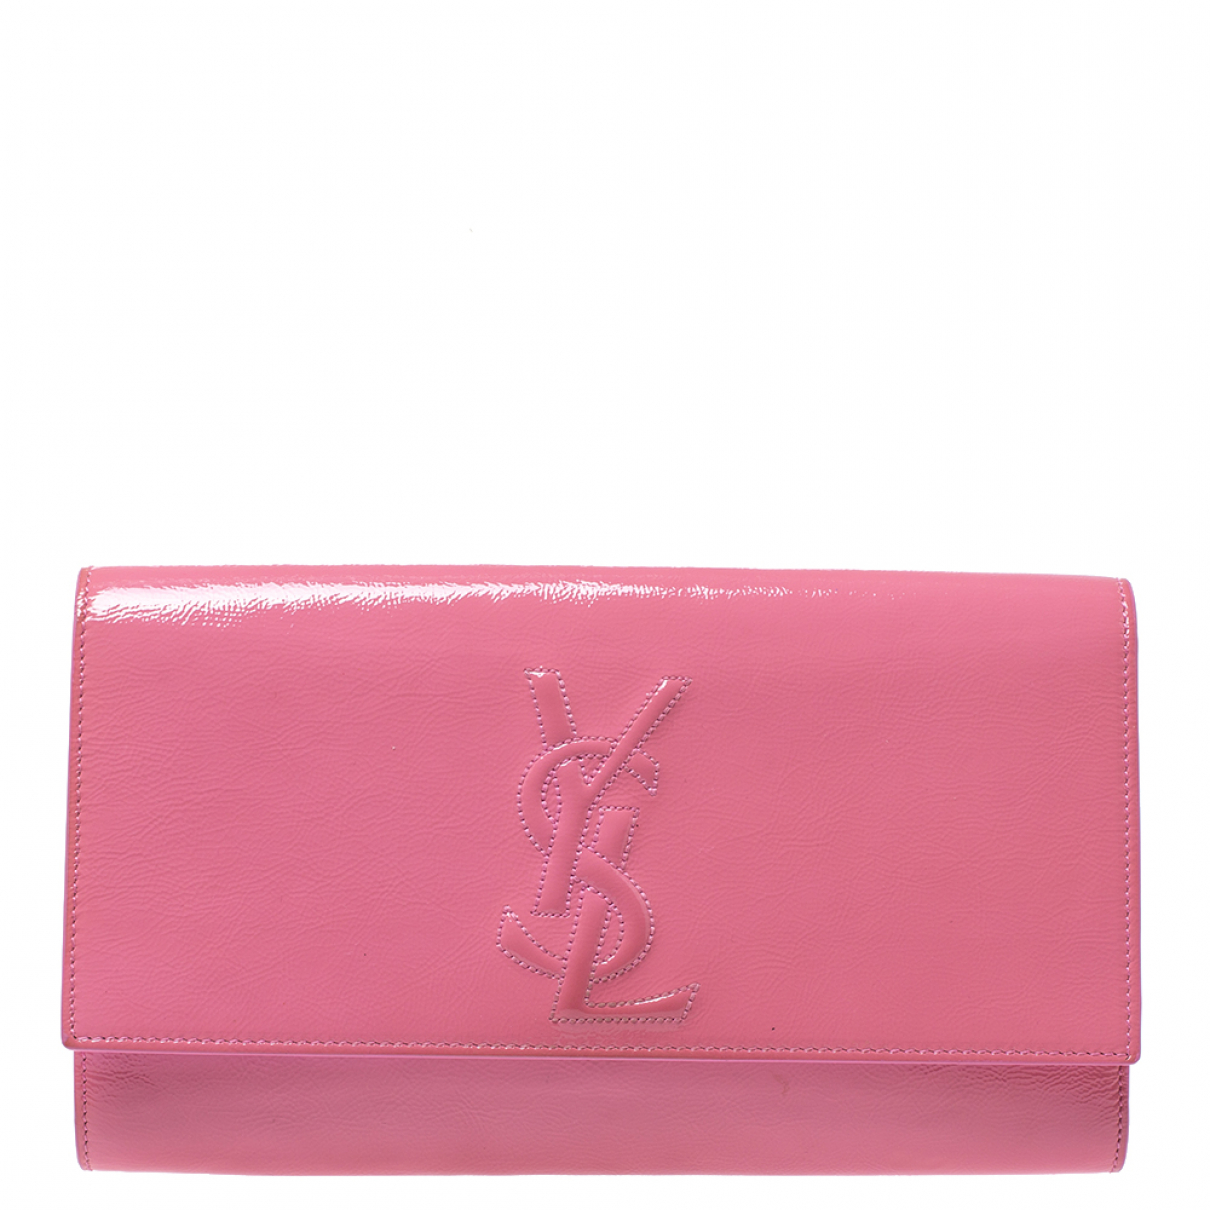 Saint Laurent - Pochette   pour femme en cuir verni - rose